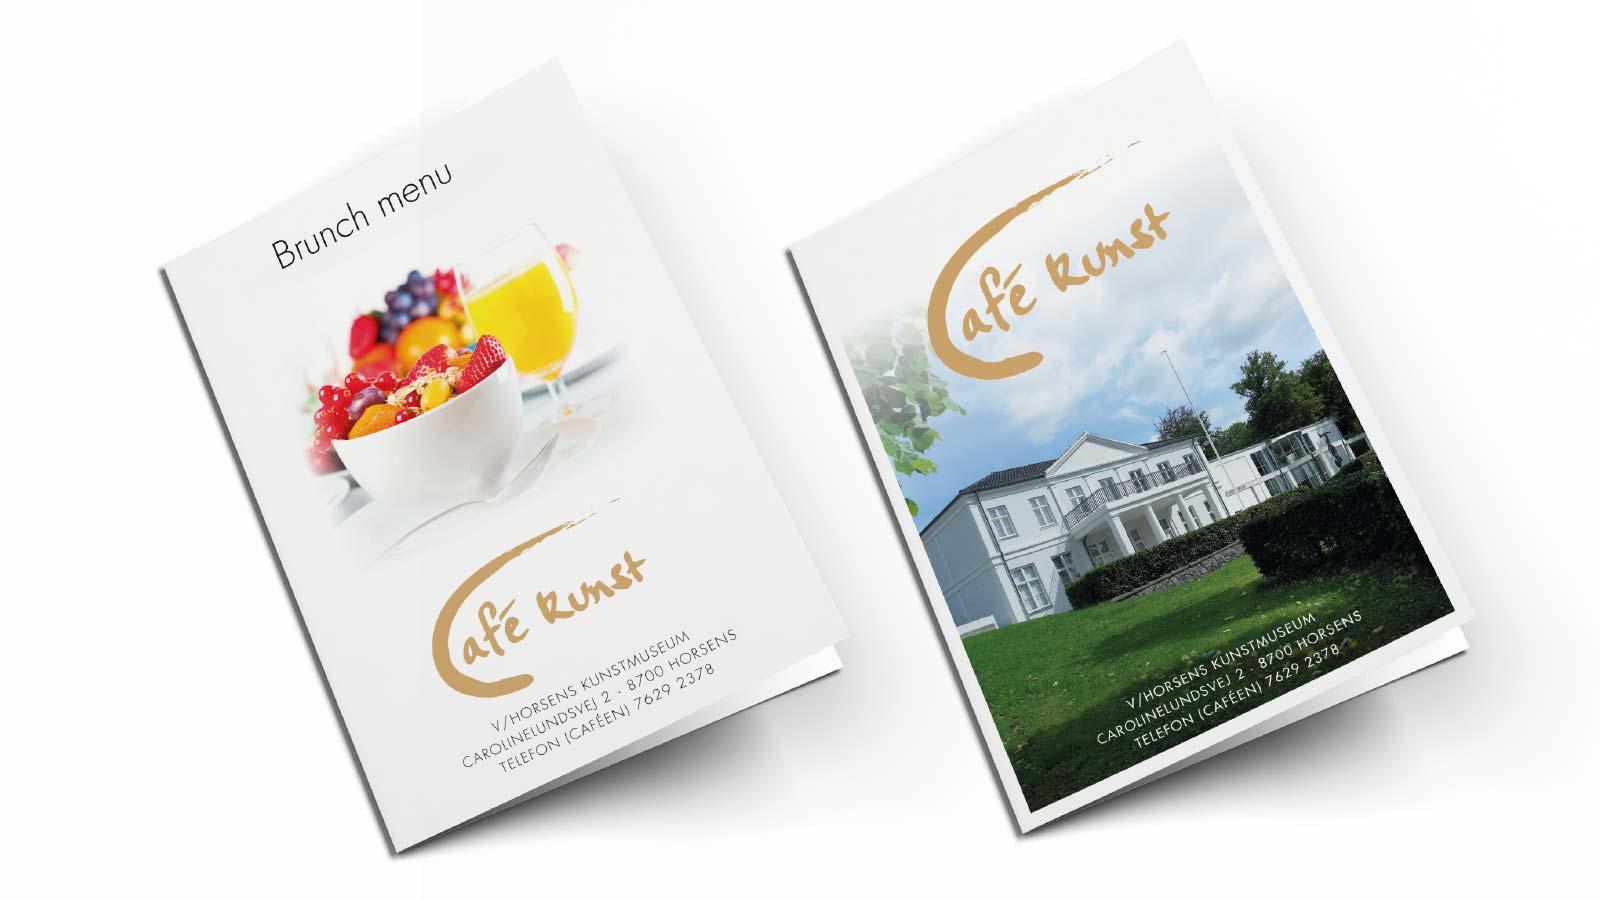 Cafe_kunst_1600x900-brochure